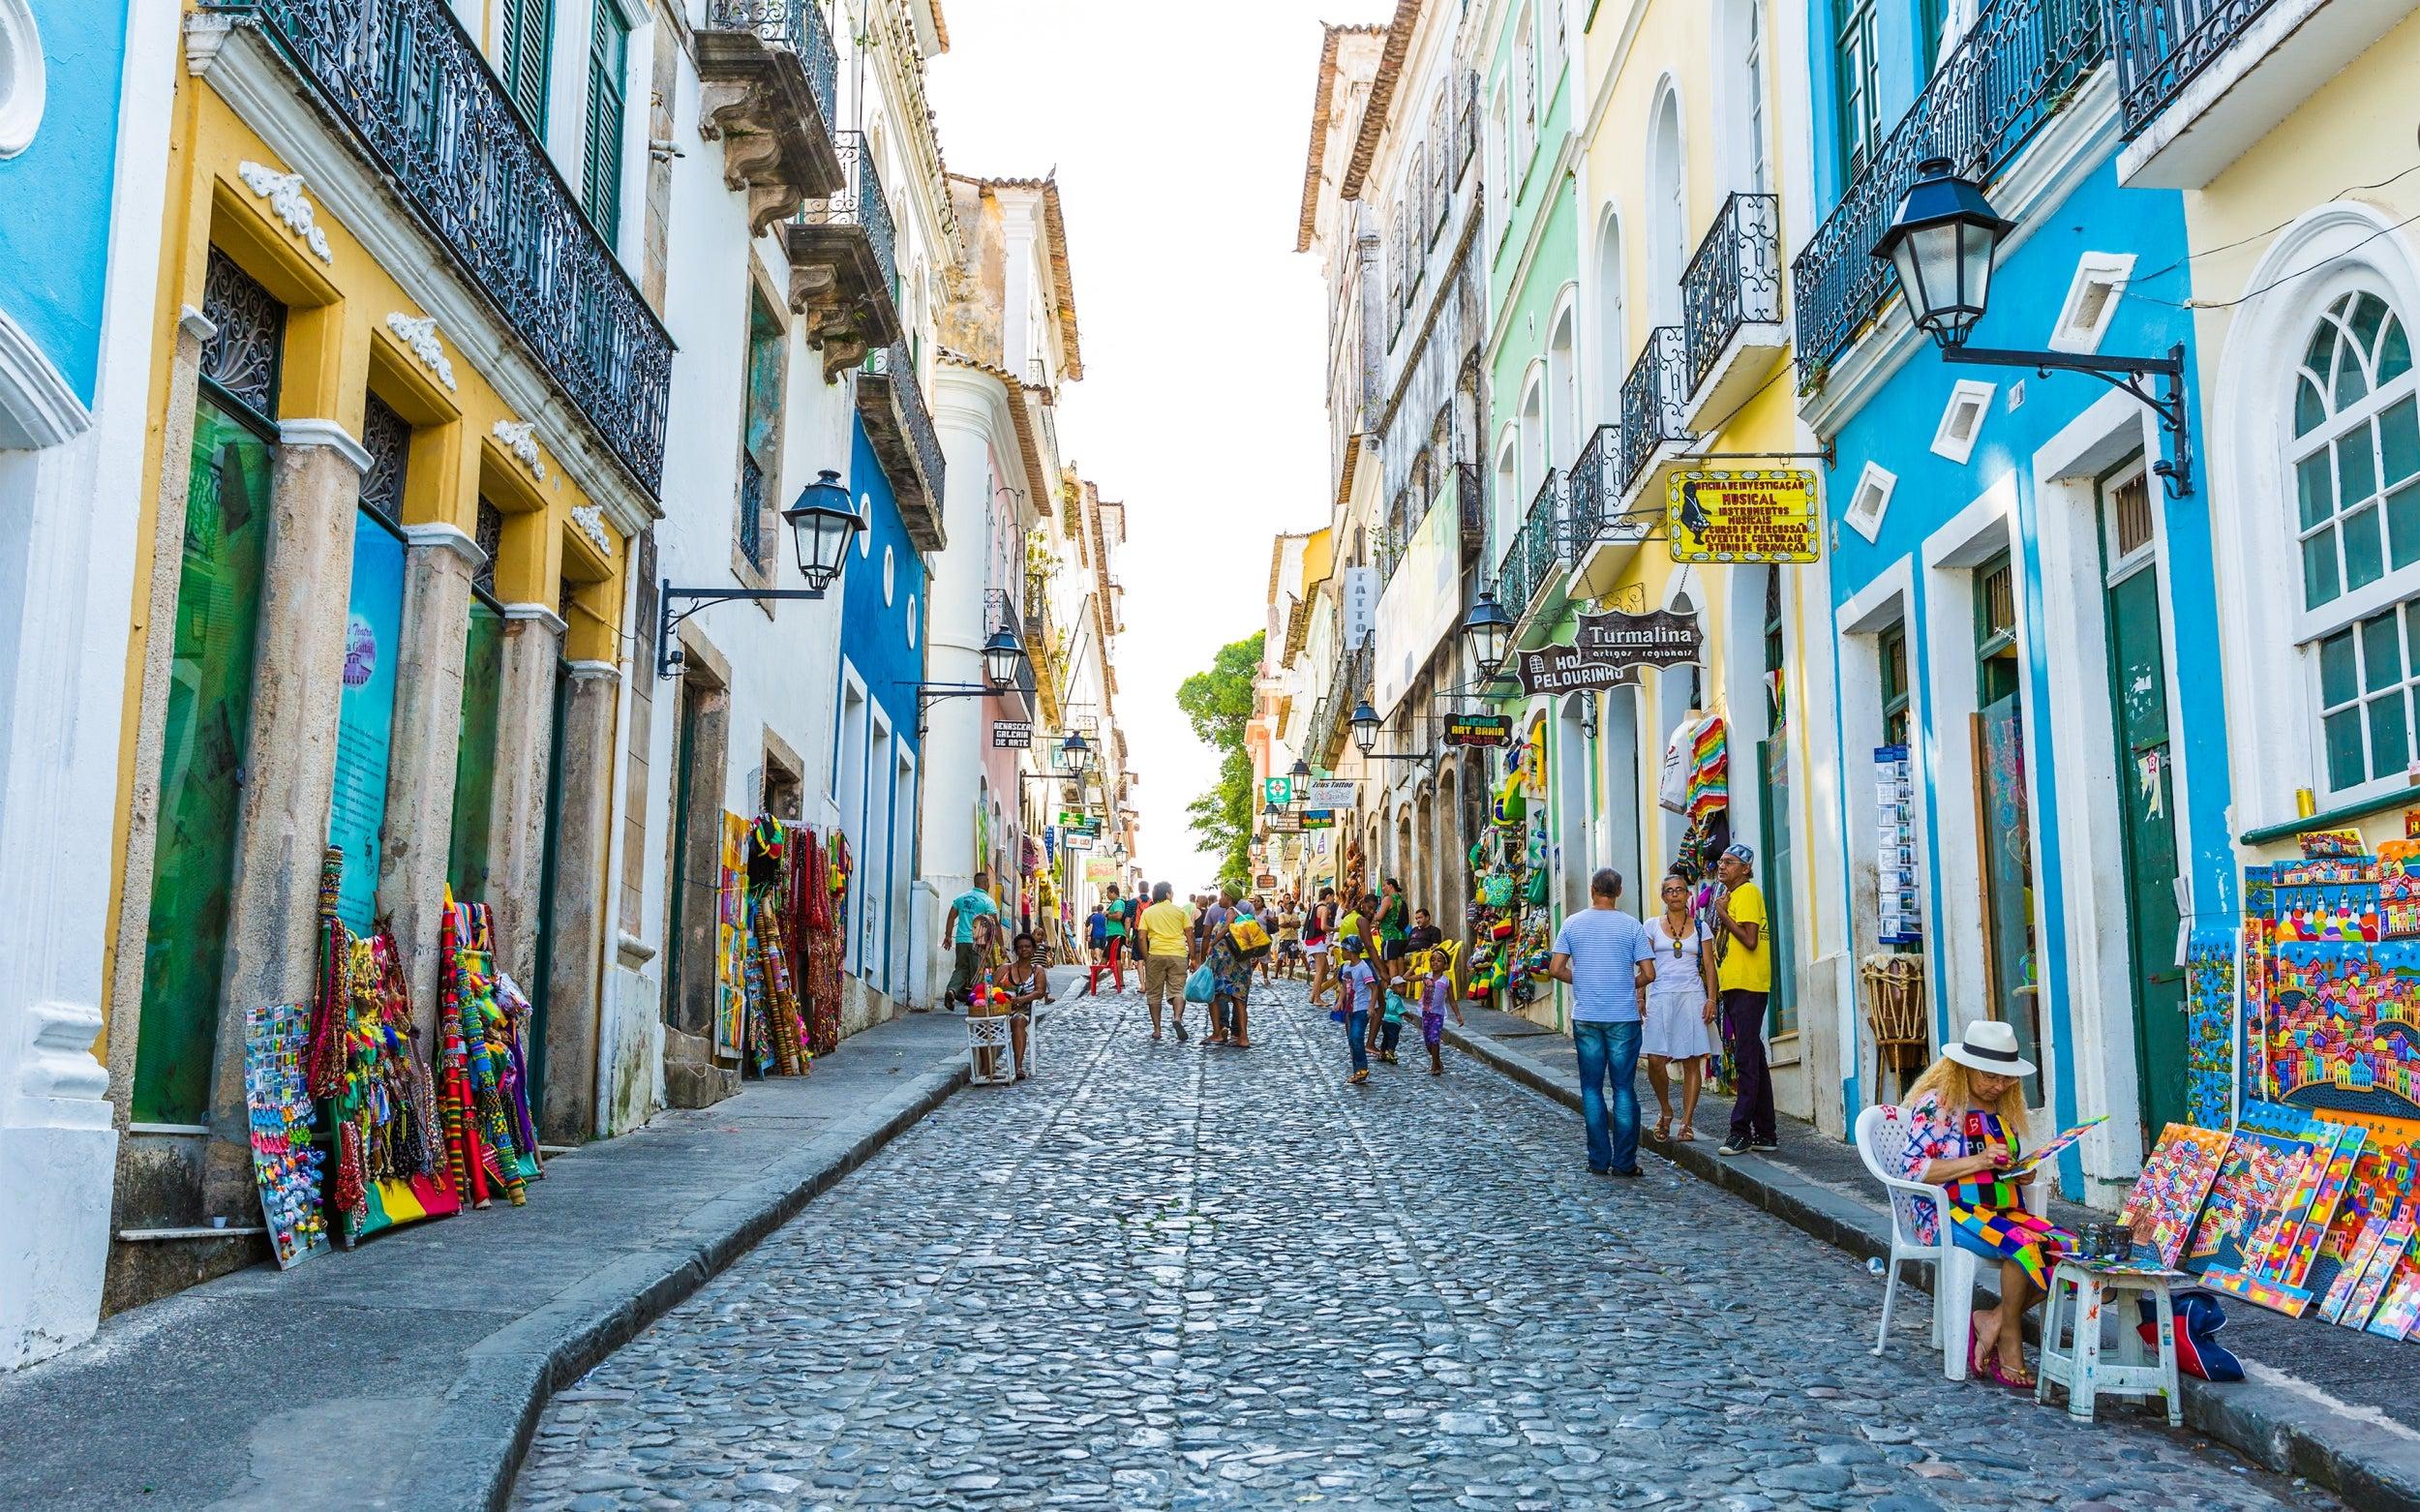 Salvador, Brazil: The country's original capital gets a makeover